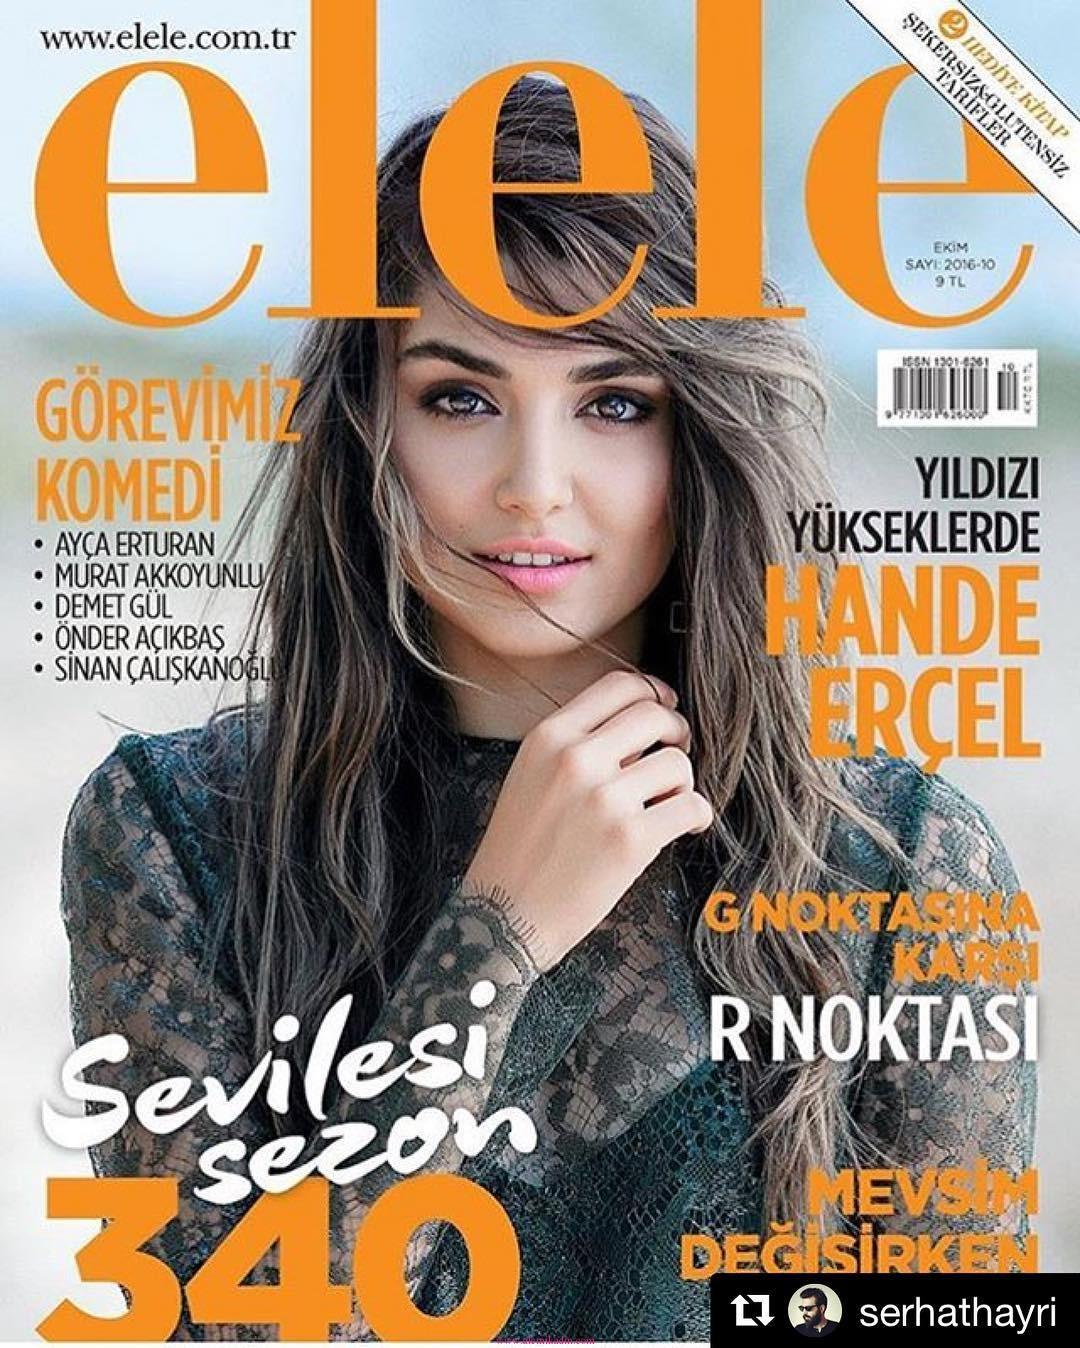 Hande-Erçel-Elele-Dergisi